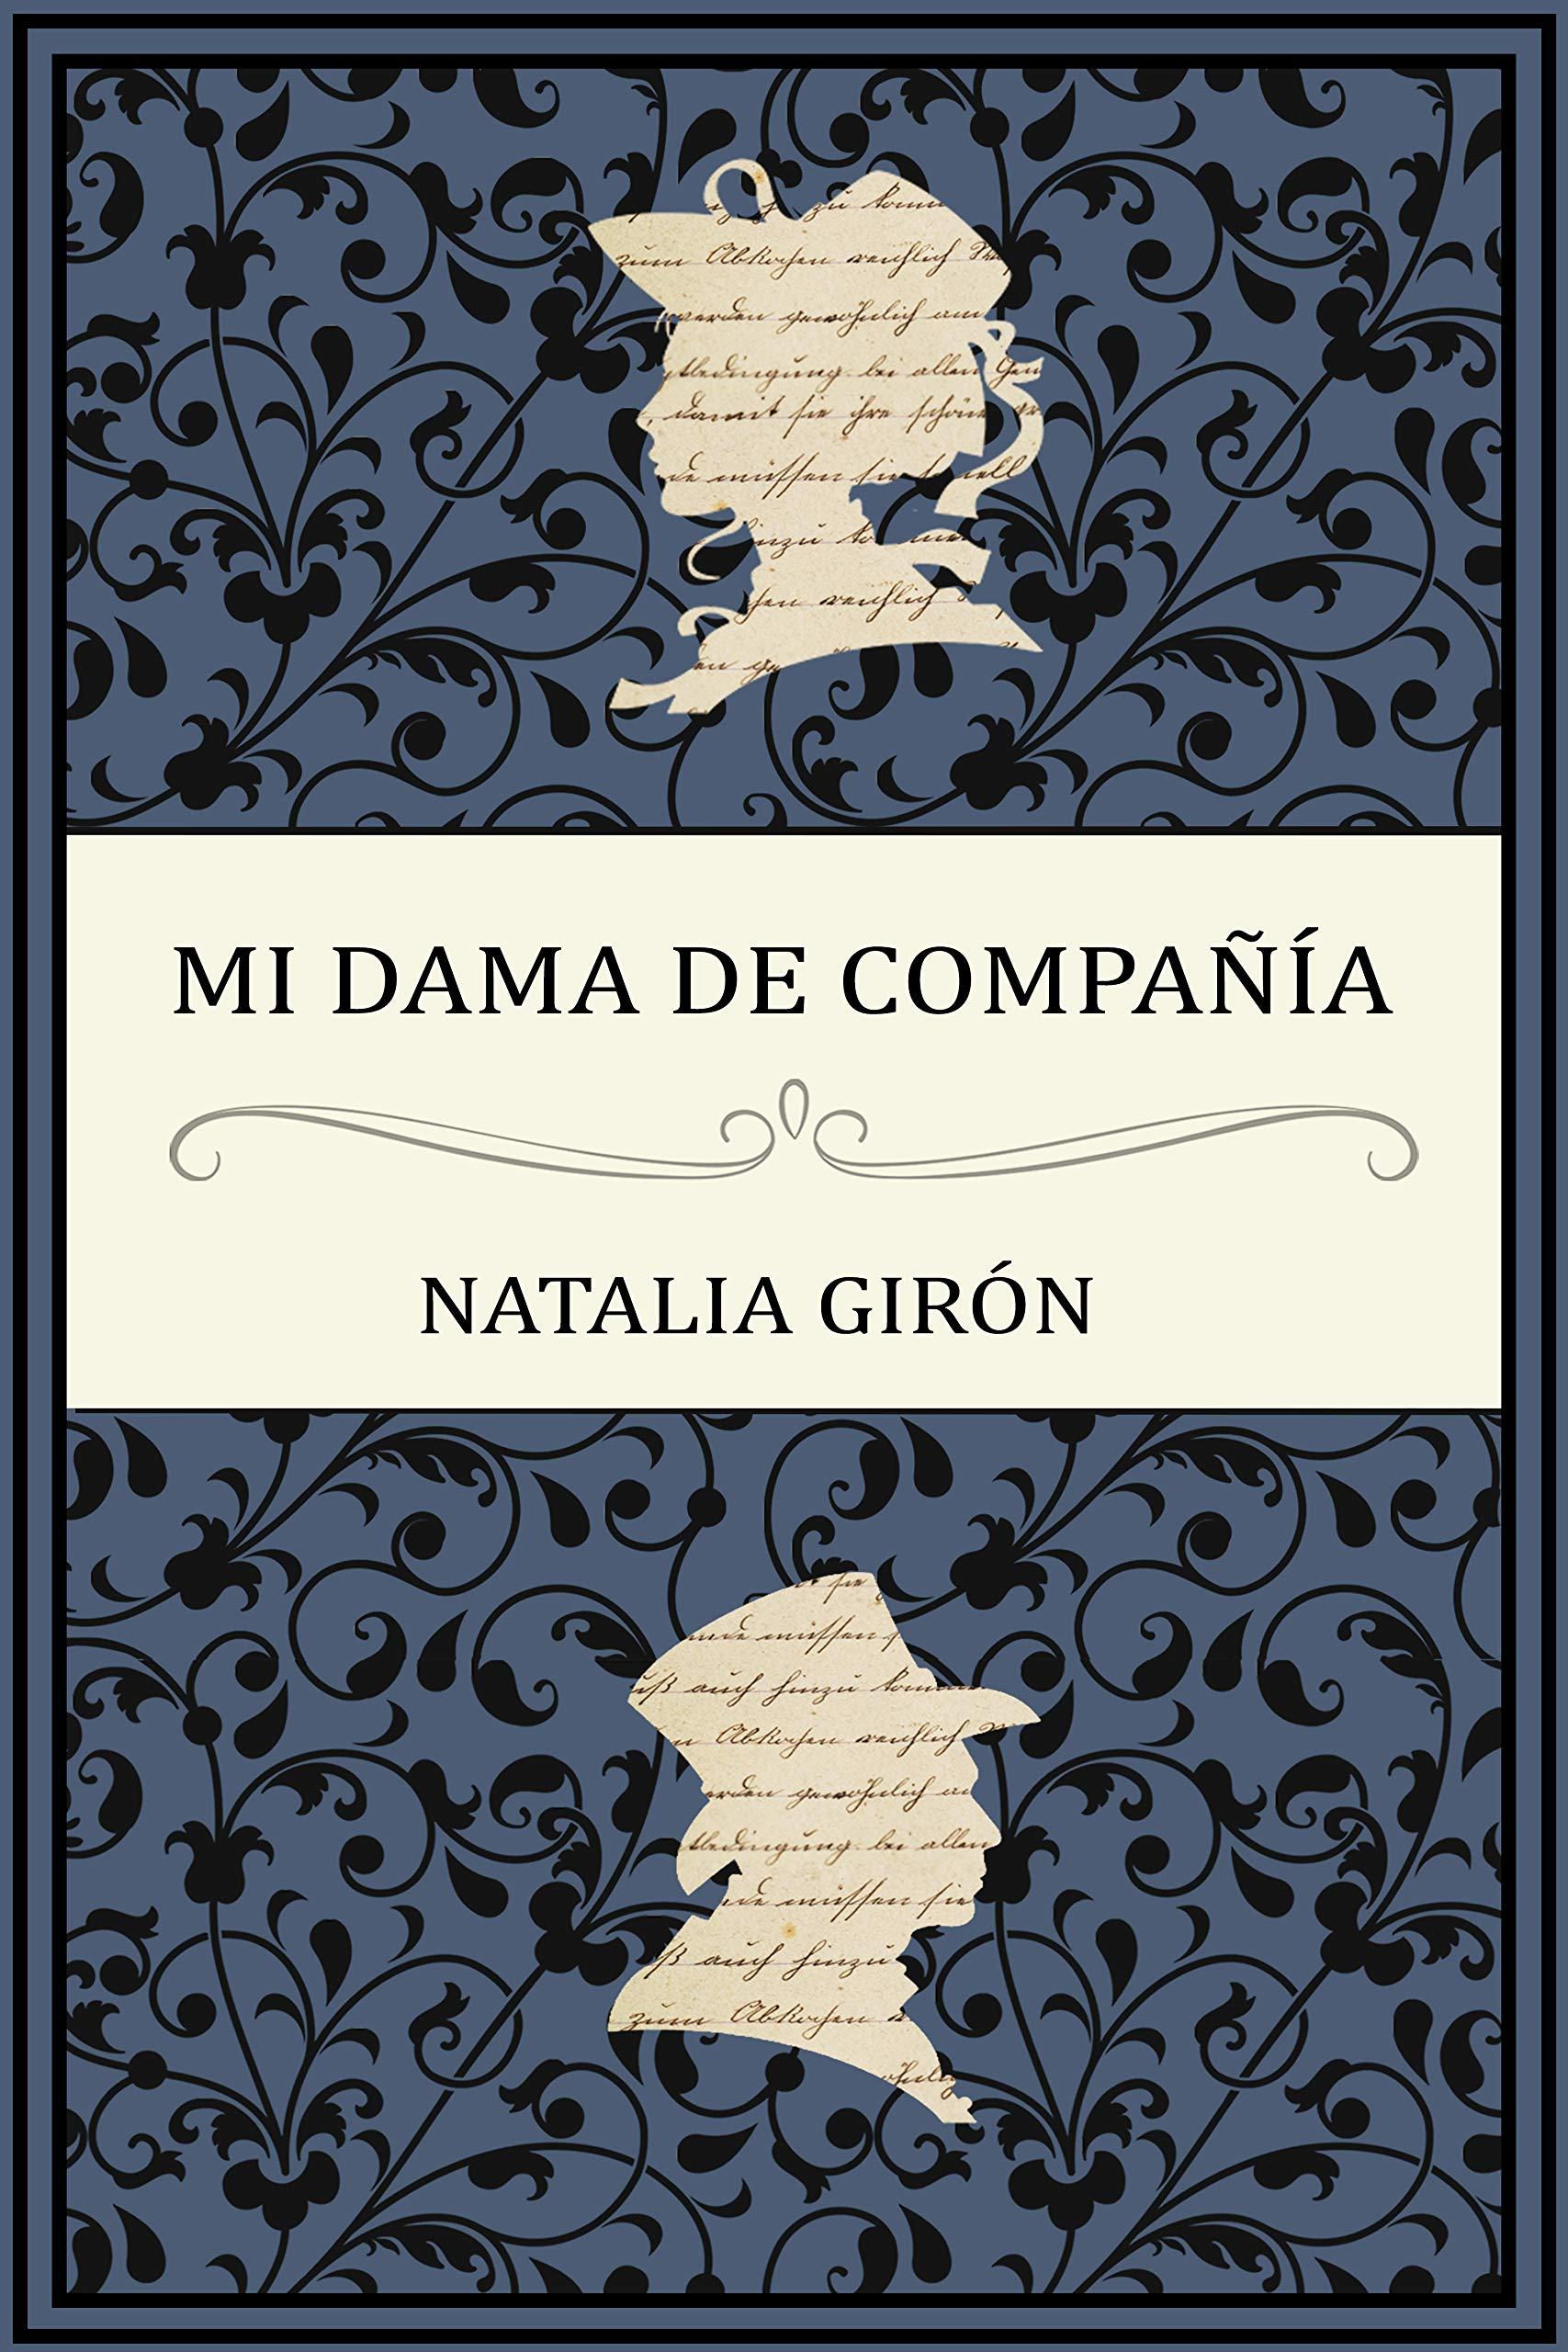 Mi dama de compañía por Natalia Girón Ferrer